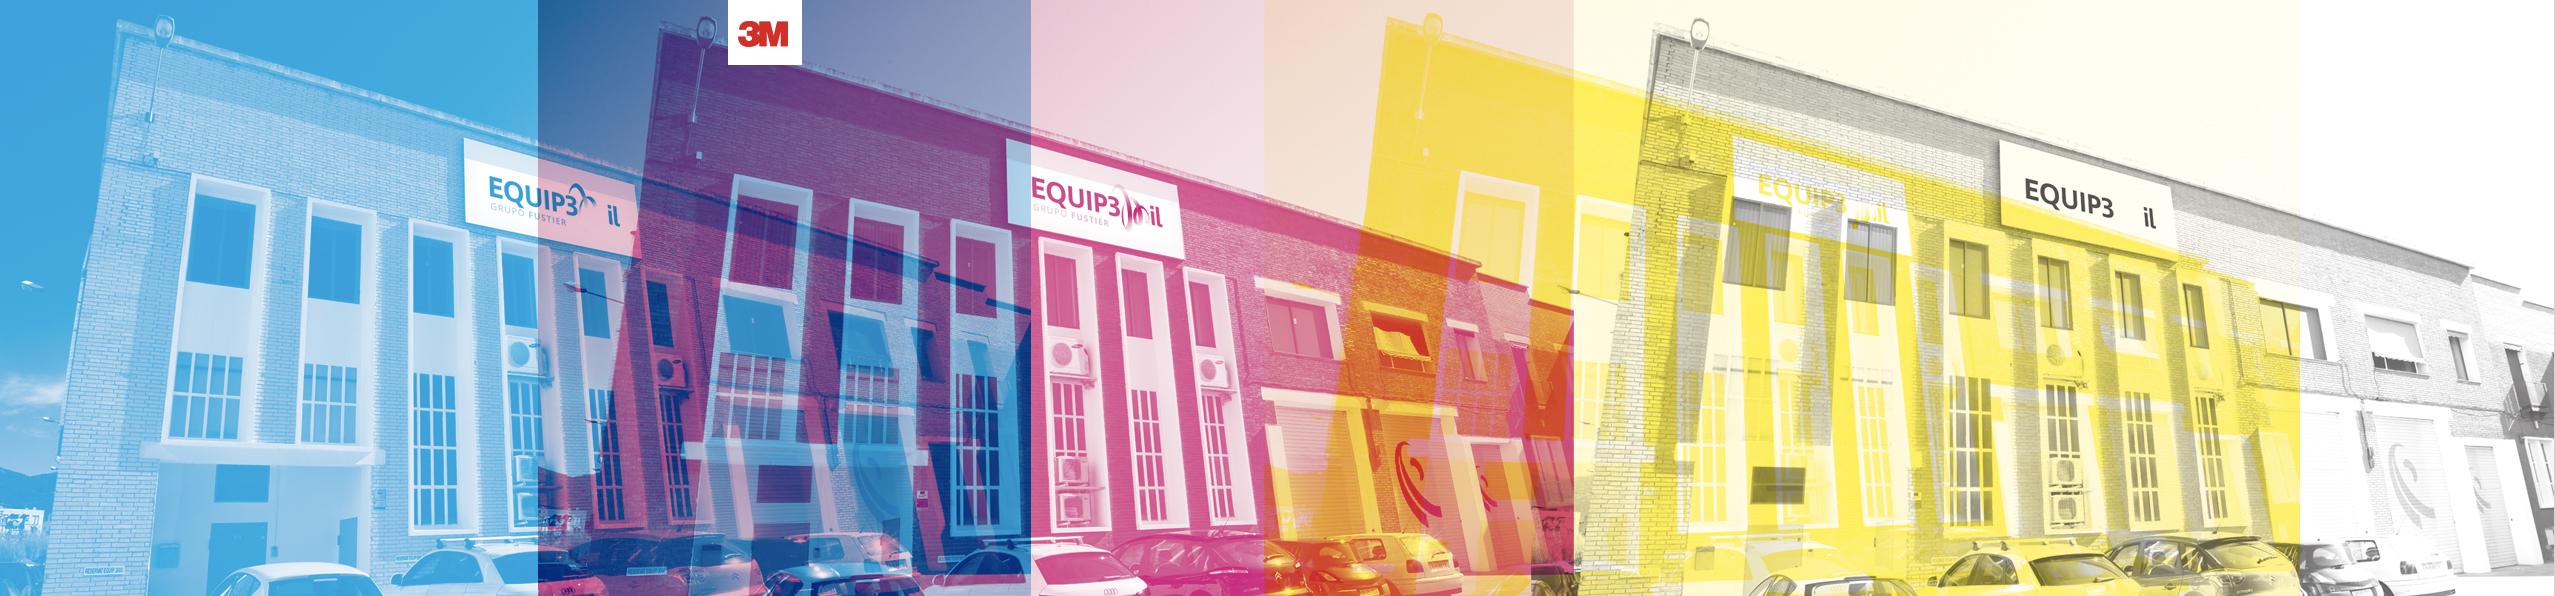 Equip 3000 expertos en la fabricación de etiquetas adhesivas y no adhesivas para todos los sectores y aplicaciones